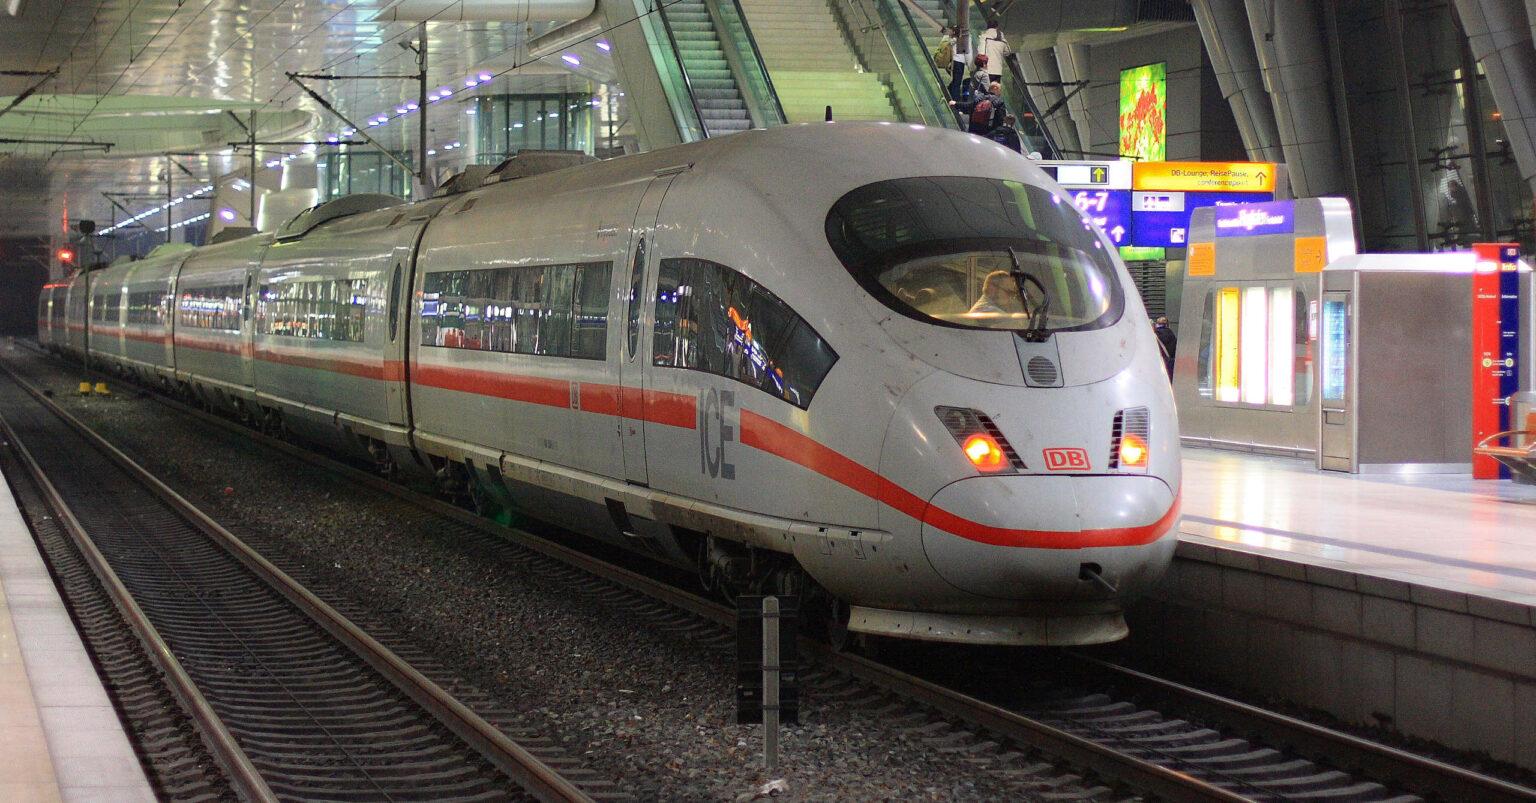 ICE 3 de la DB en la estación del aeropuerto de Frankfurt. DMYTROK.